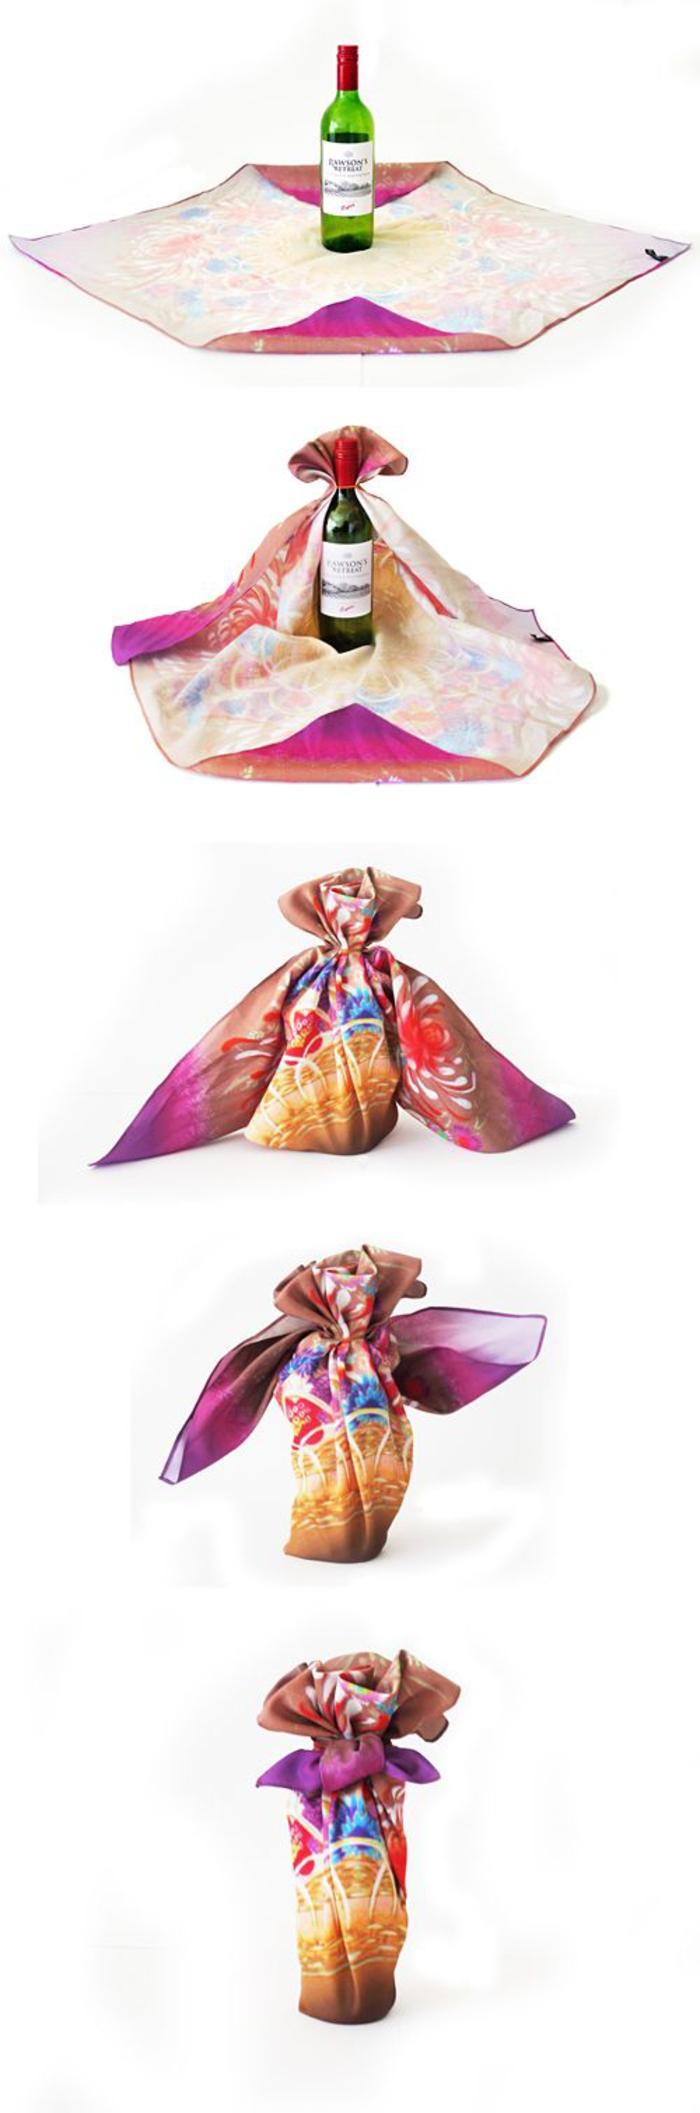 ideas sobre cómo decorar una botella de vino con tela paso a paso, bolsas para botellas de vino originales